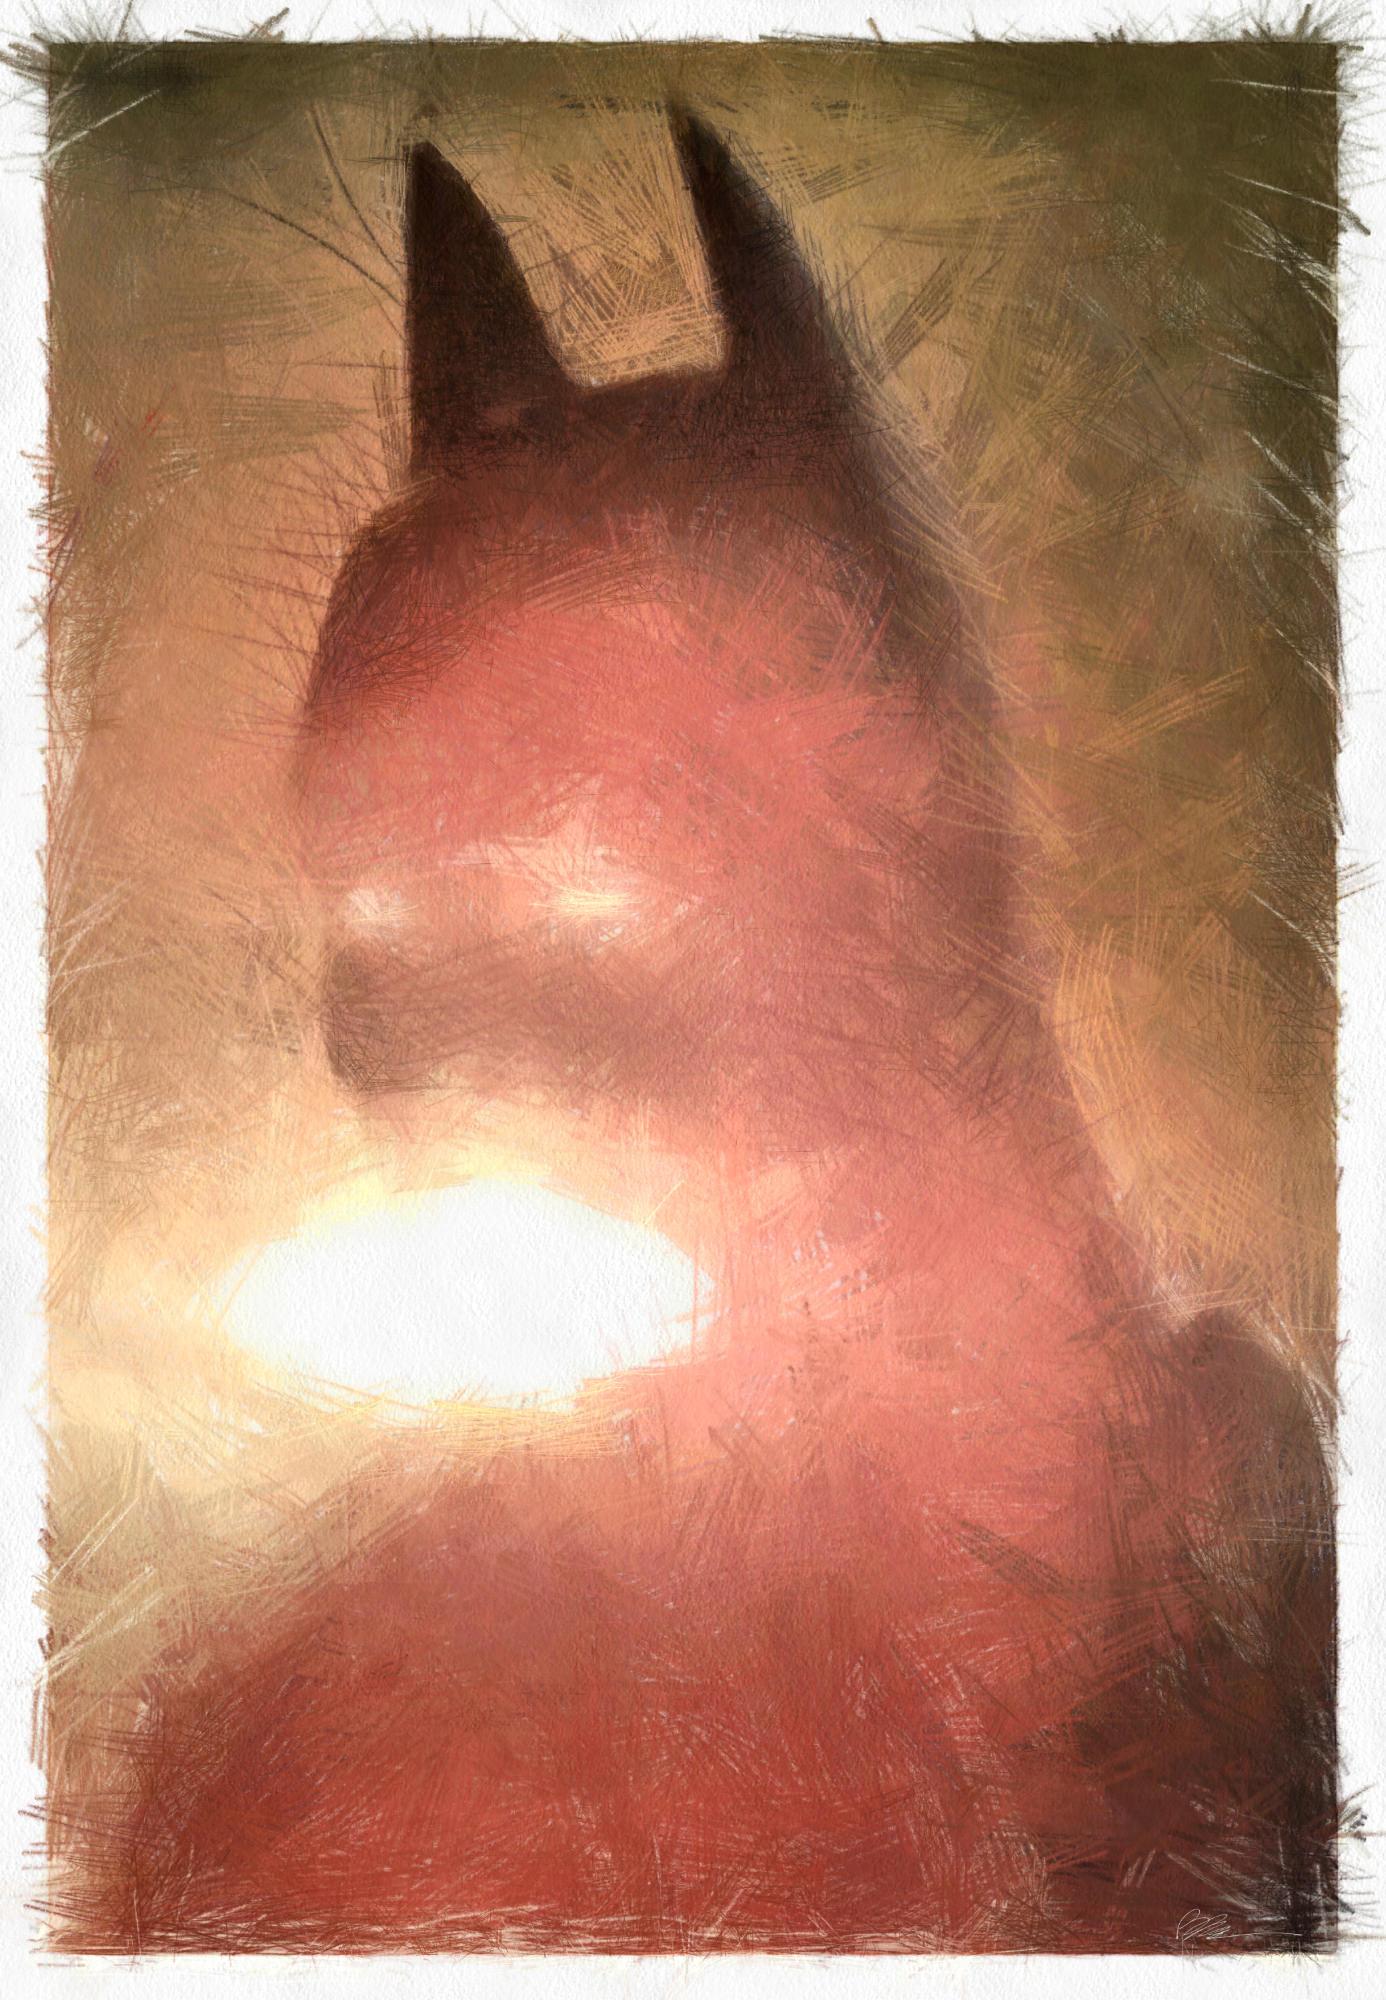 batmanfear3.jpg